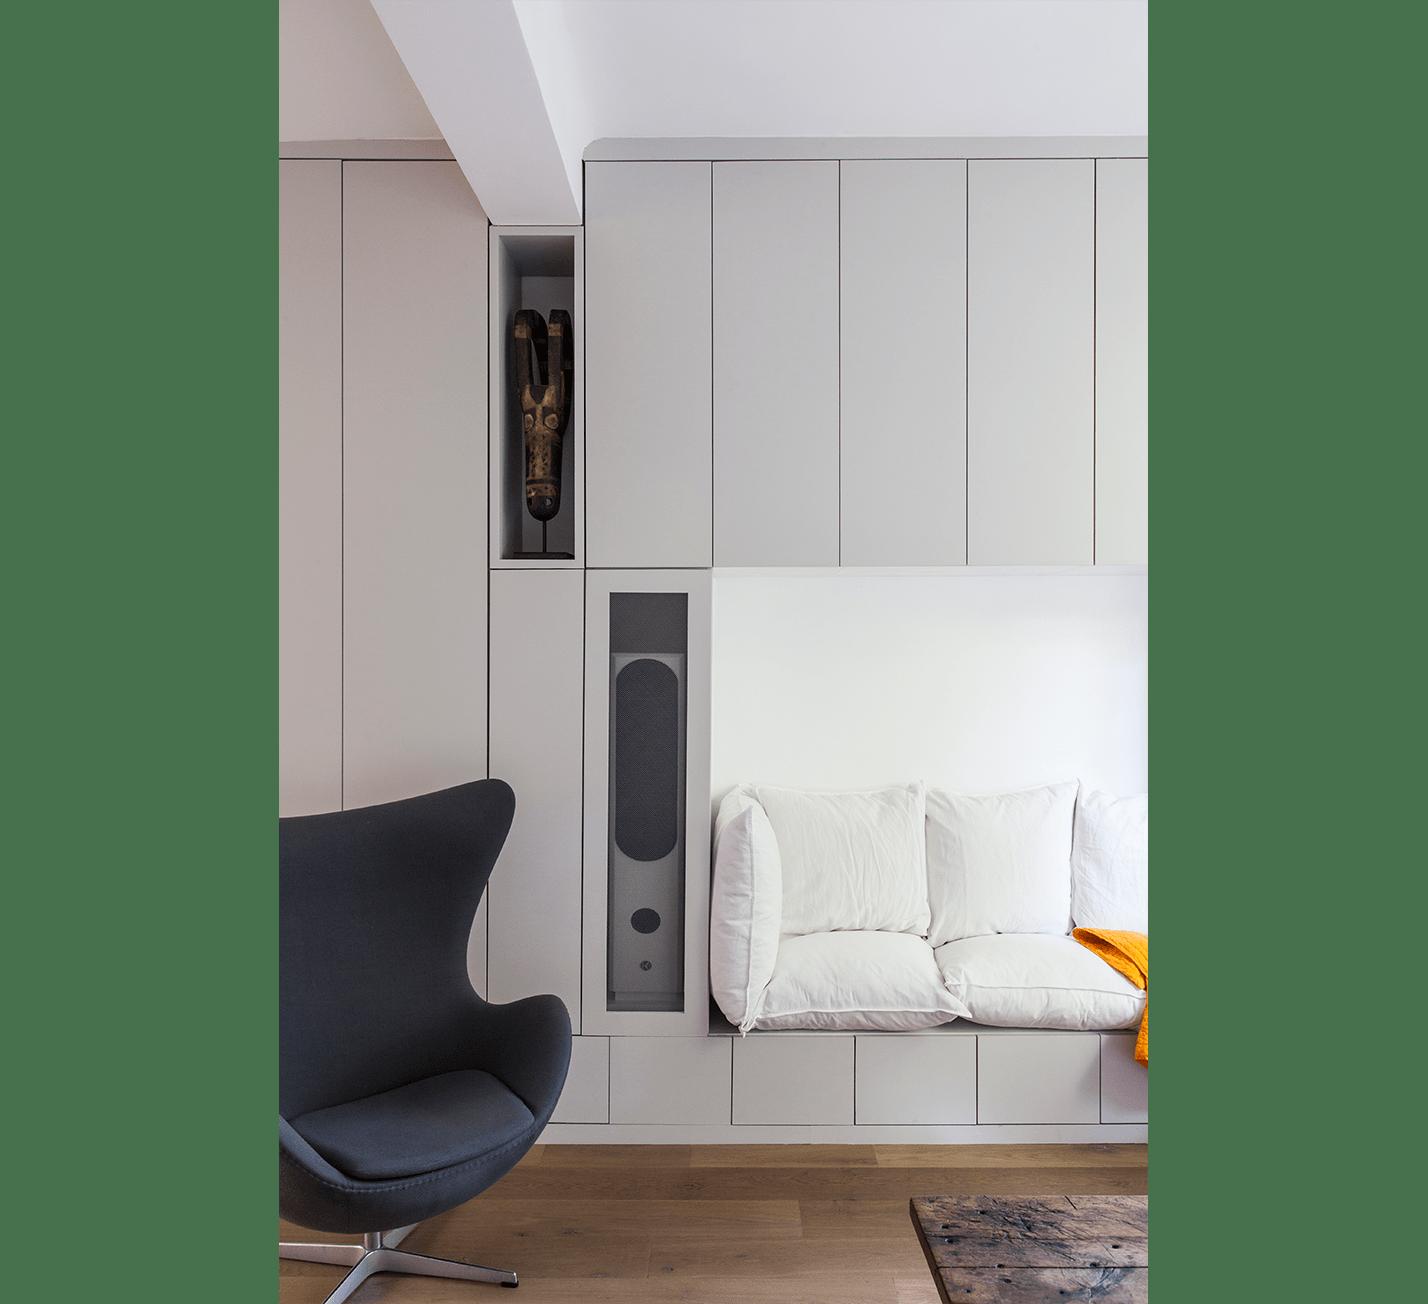 Projet-Square-Chaure-Atelier-Steve-Pauline-Borgia-Architecture-interieur-12-min